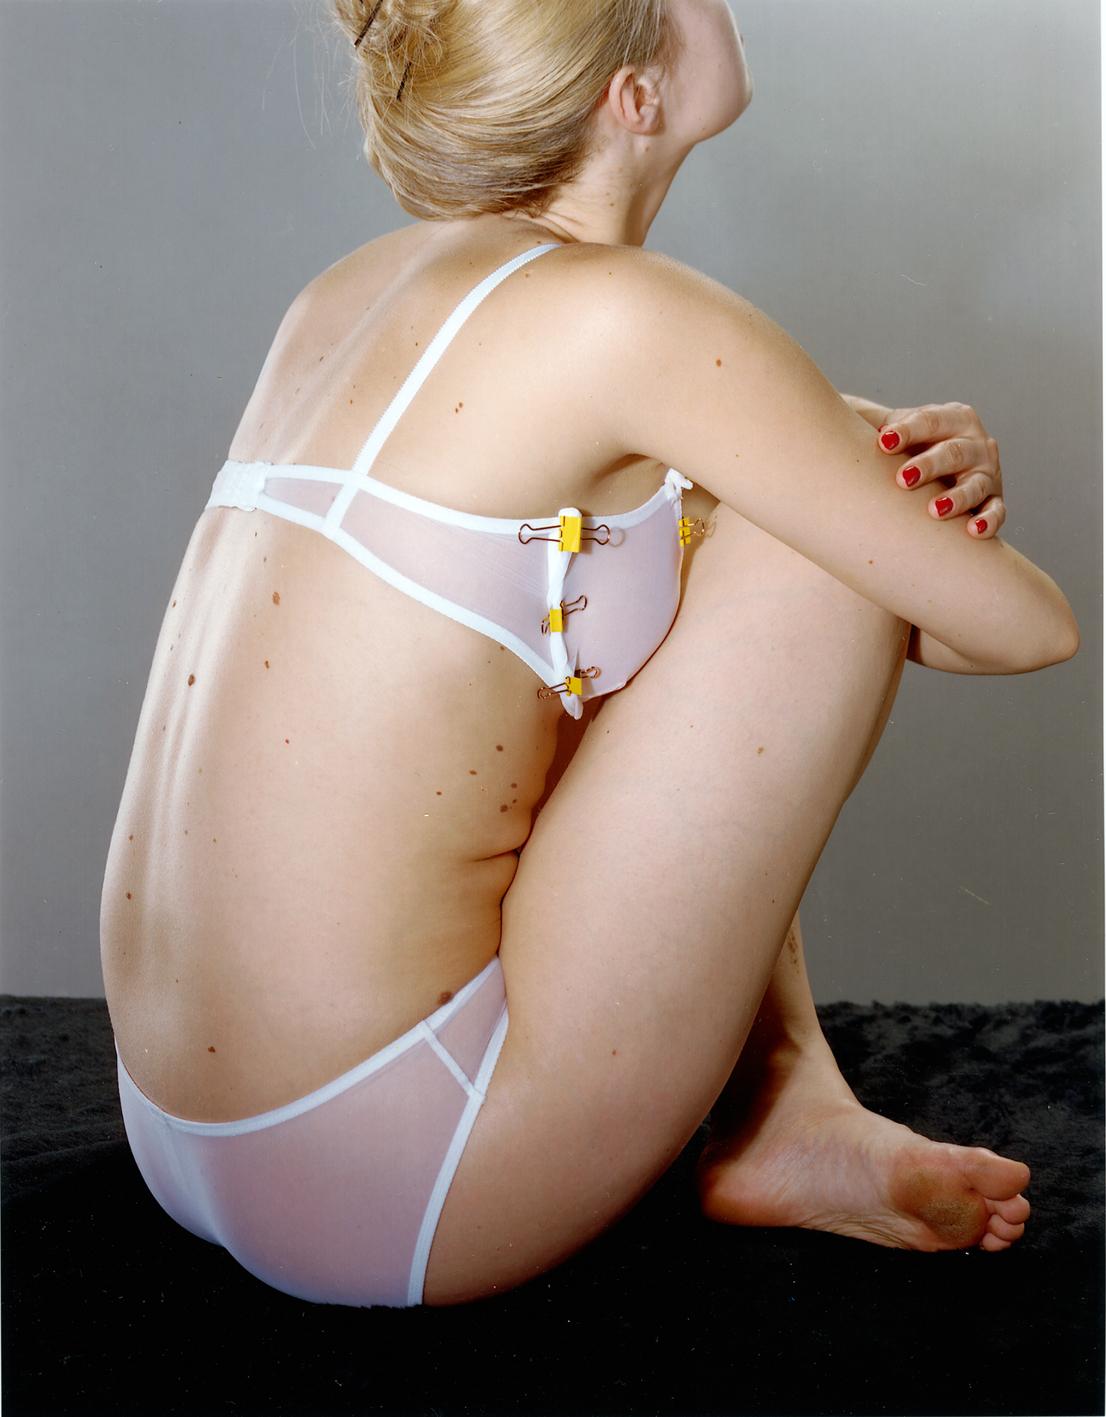 Indie girl naked-3903